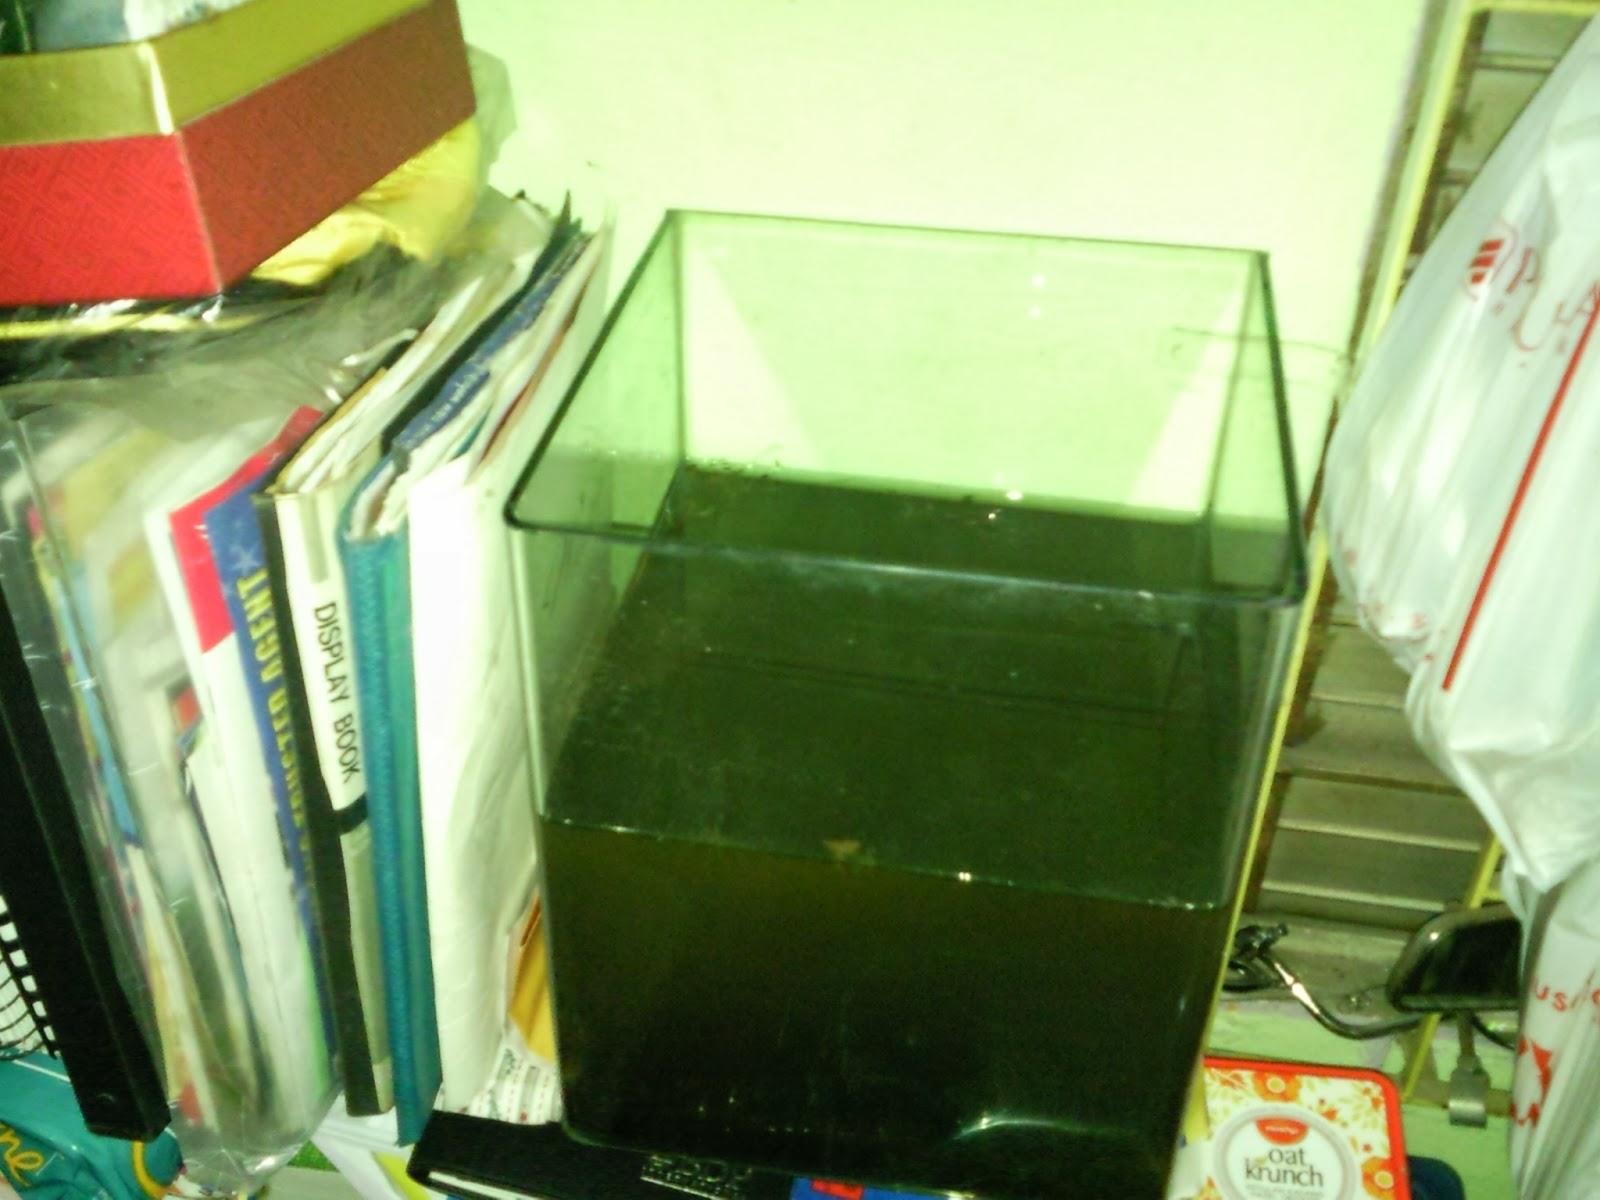 ... Fish Tanks And Aquarium CRS: Aquarium Home Multiple Fish Tanks Setup